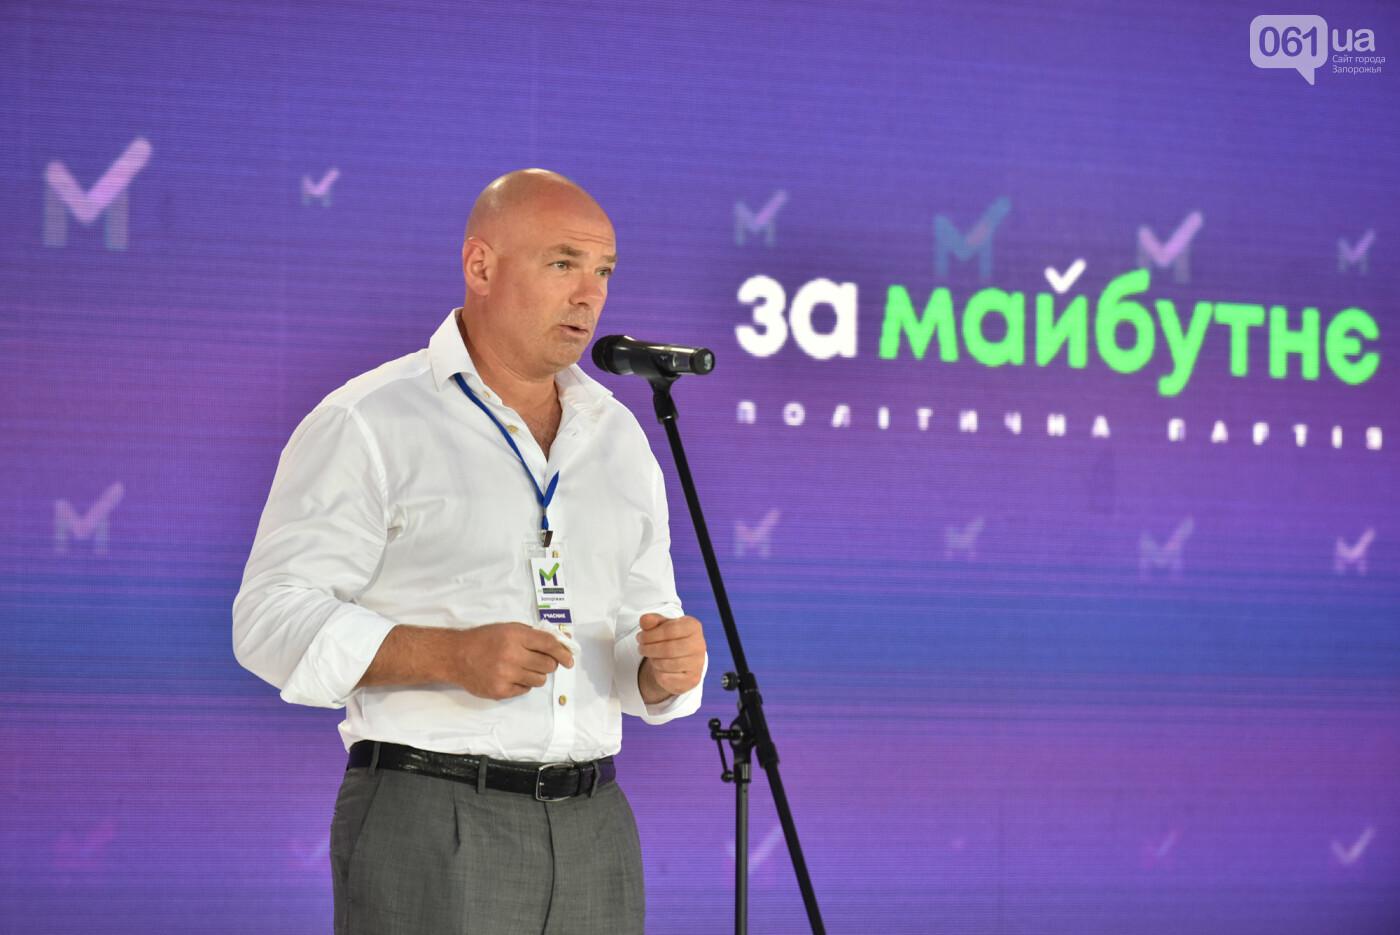 """Партия """"За Майбутнє"""" объединила запорожских лидеров, фото-1"""